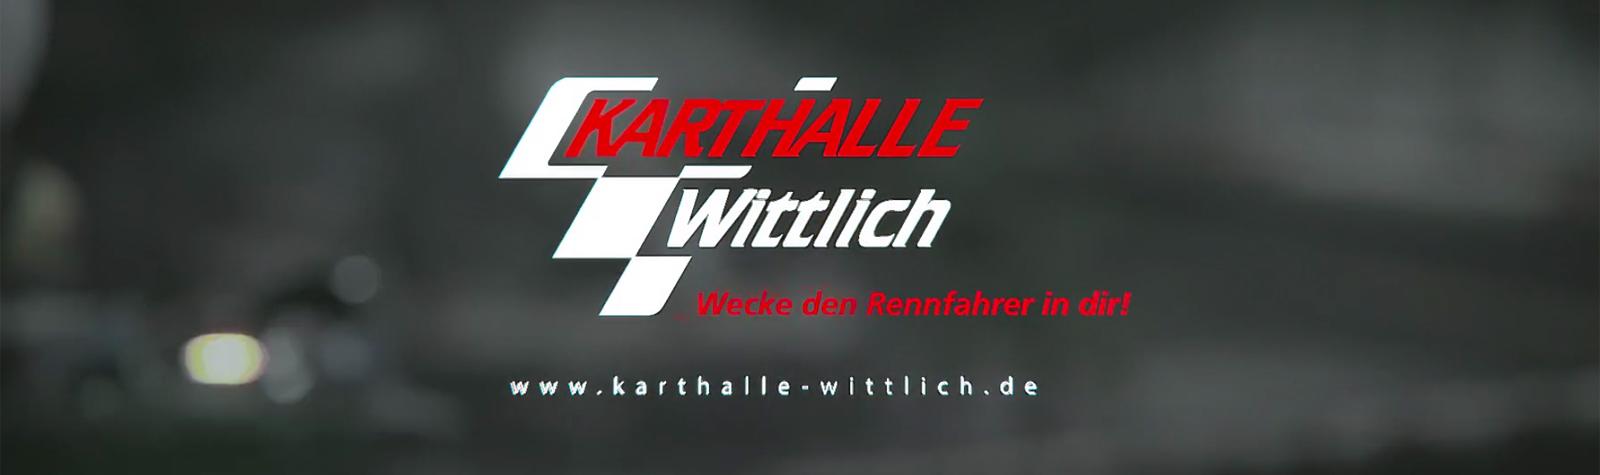 Kinospot Karthalle Wittlich